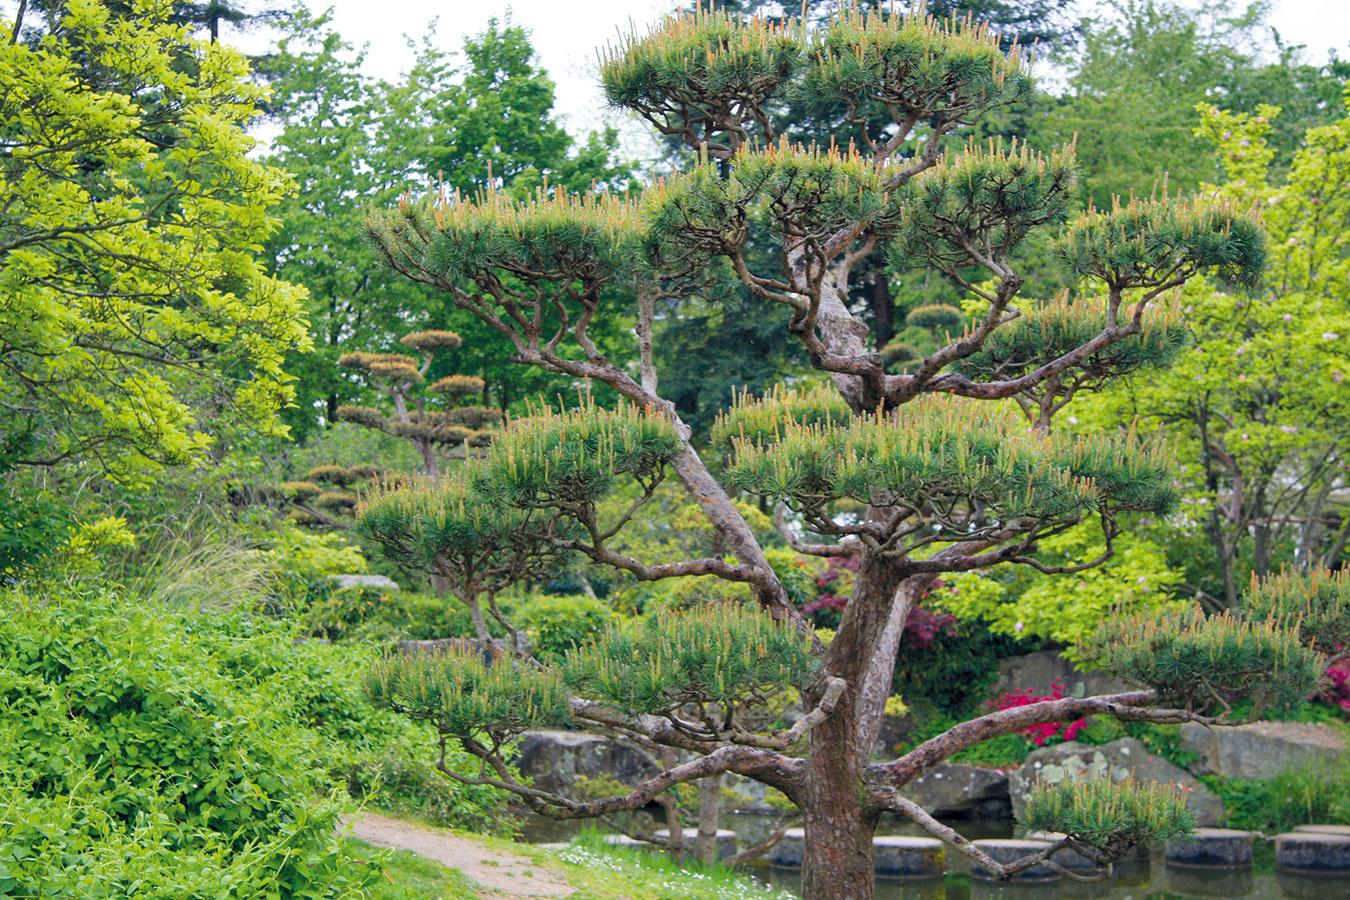 Veľké záhradné bonsaje sú aktuálnym hitom. Uplatnenie nájdu v záhradách v ázijskom štýle, v moderných mestských predzáhradkách aj átriách. Najčastejšie ide o vytvarované ihličnany − borievky, borovice, prípadne tisy. Môžu byť vysadené priamo v pôde alebo v objemnej nádobe. Do voľnej pôdy je najvhodnejšie ich vysádzať práve v apríli. Aby si zachovali atraktívny tvar, vyžadujú pravidelné strihanie, na ktoré je najvhodnejší apríl, prípadne prvá polovica mája a potom až koniec augusta. Obláčiky ihlíc stačí skrátiť asi o polovicu nožnicami na živý plot ideálne počas zamračených suchých dní. Na jar im nezabudnite dopriať intenzívnu zálievku.